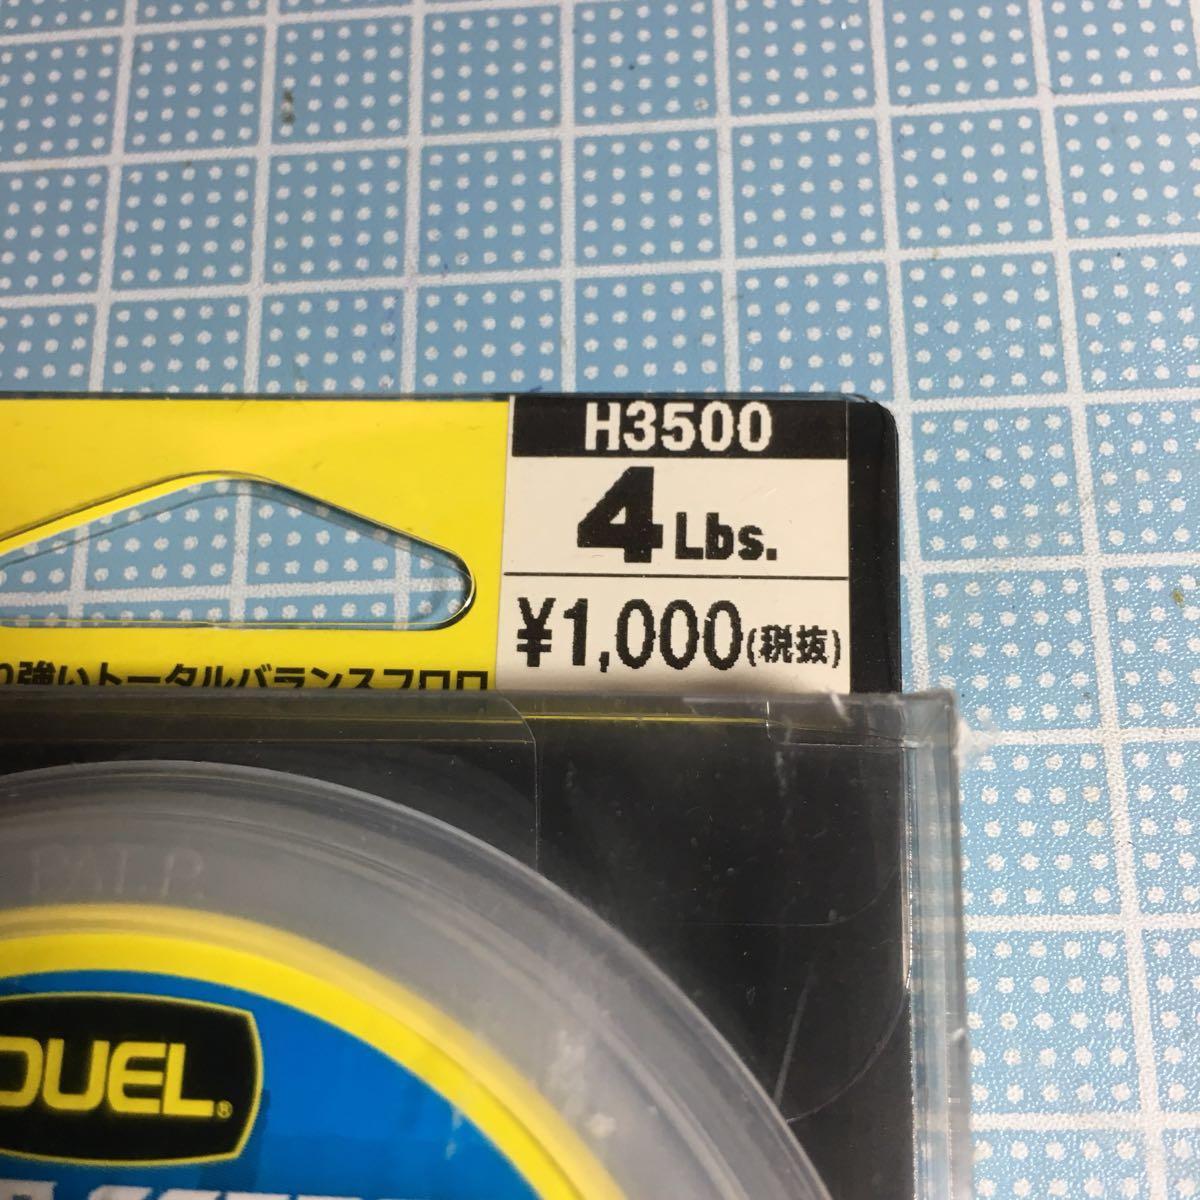 デュエル ハードコア TB カーボン ショックリーダー30m 4LB 1号 新品 DUEL_画像3